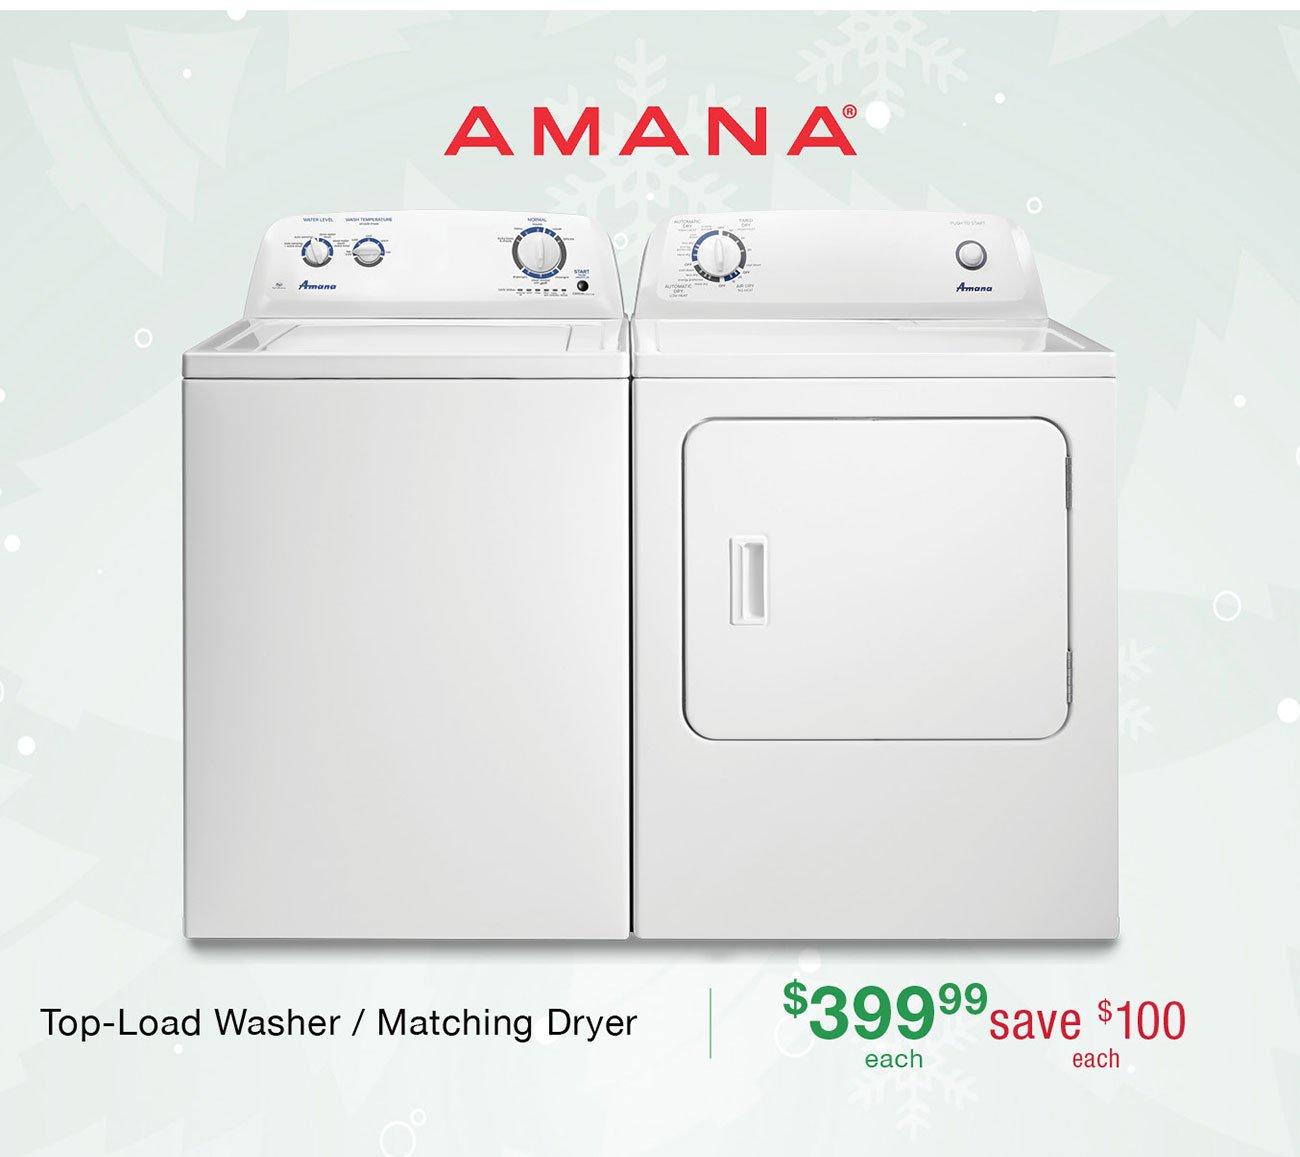 Amana-laundry-pair